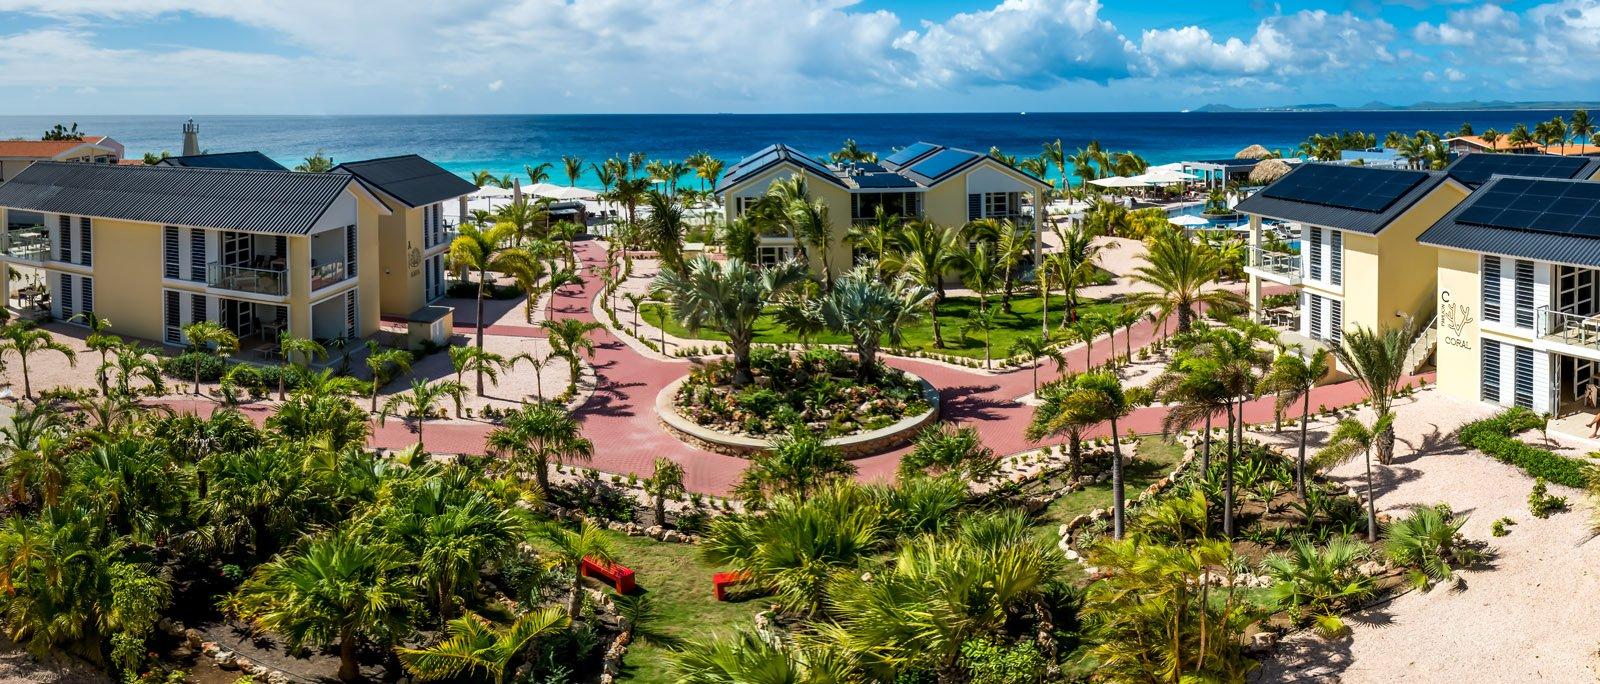 beach delfins bonaire penthouse view.jpg